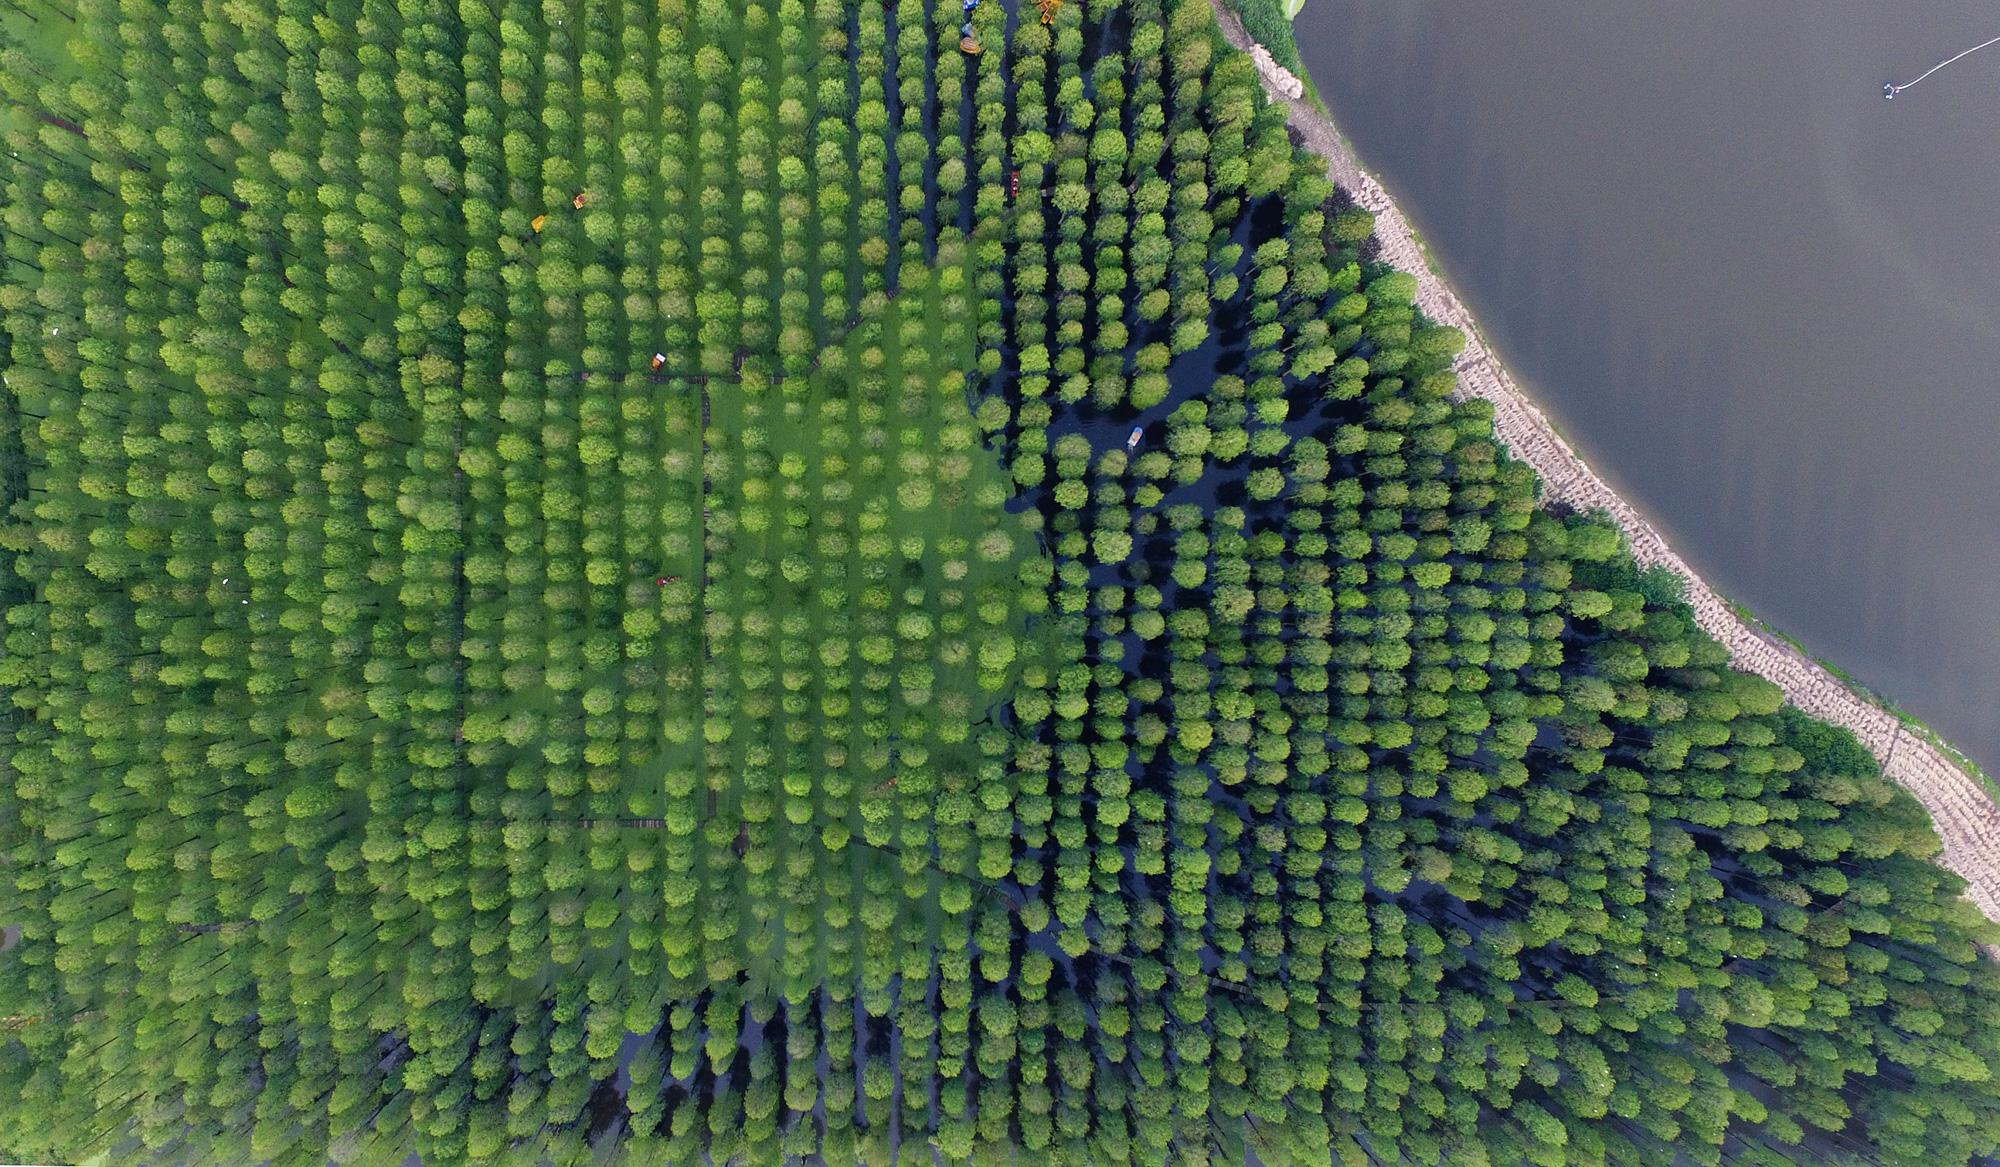 Chiêm ngưỡng vẻ đẹp lạ lùng của rừng tùng và thủy sam gỗ đỏ quý hiếm ở Trung Quốc - Ảnh 7.